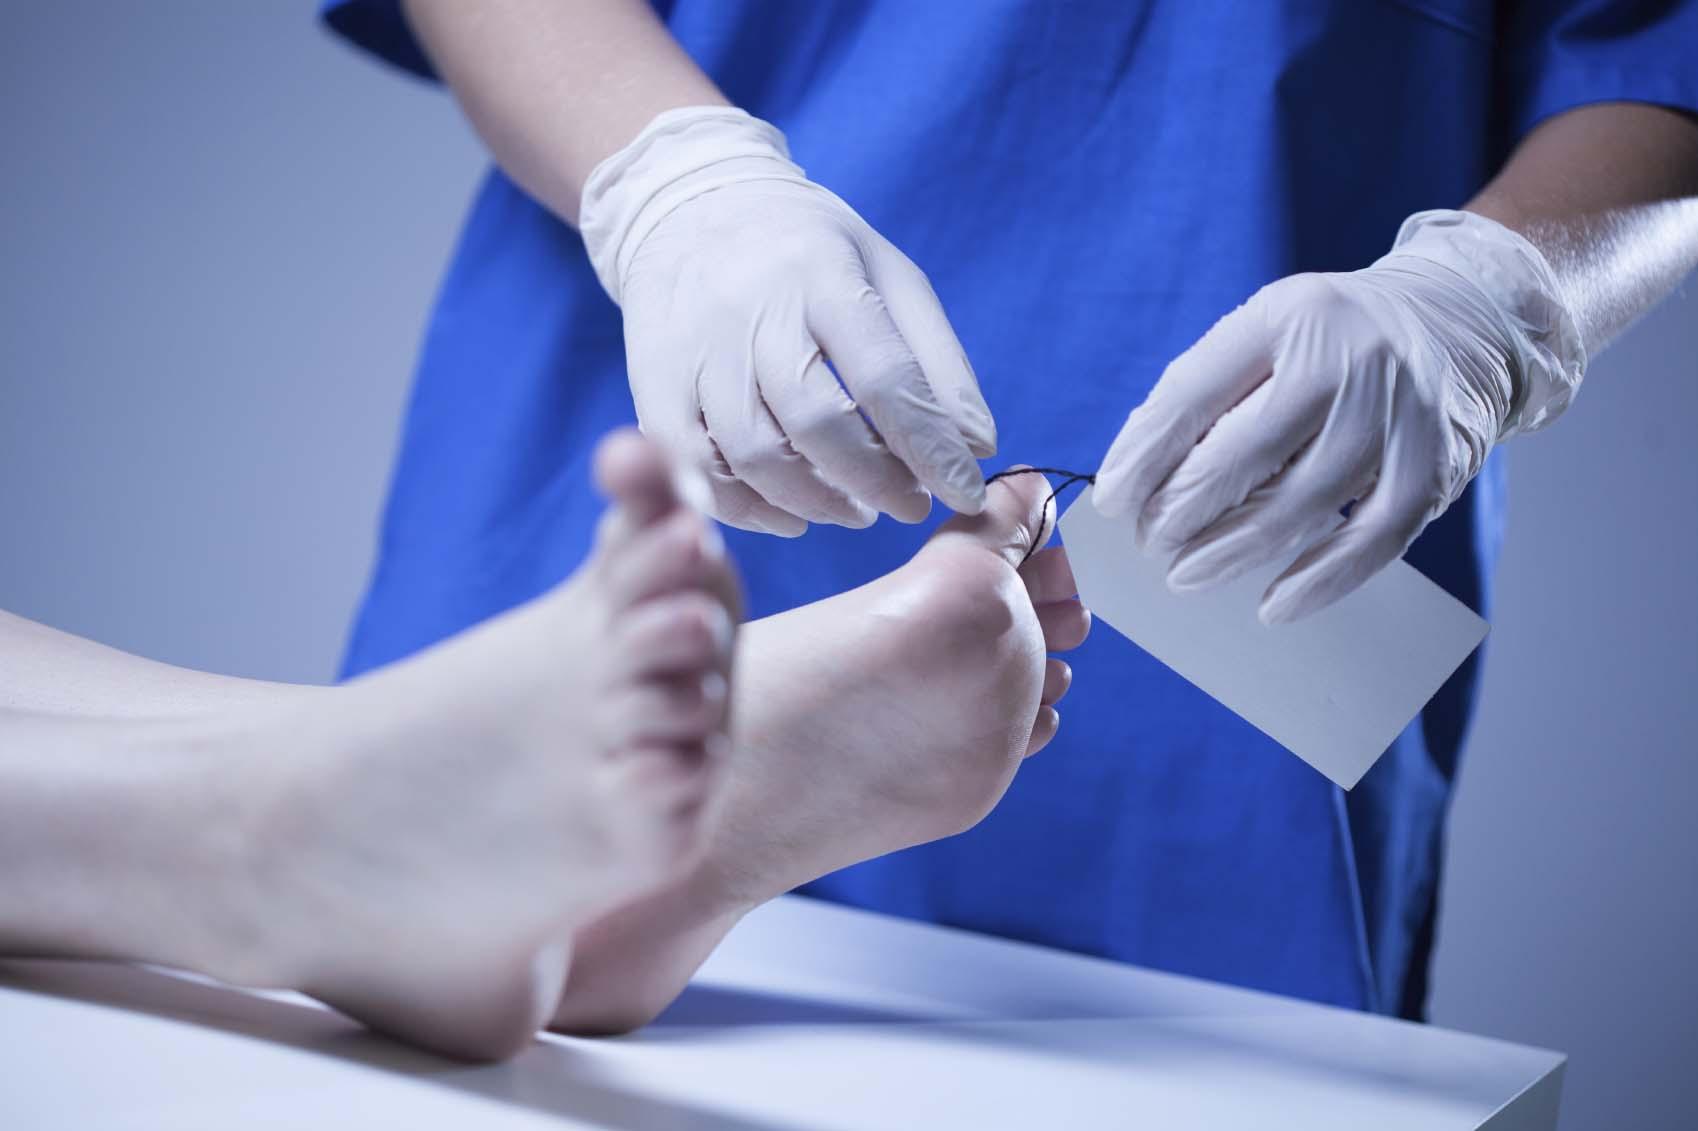 تشريح جسم الانسان الطب الشرعي